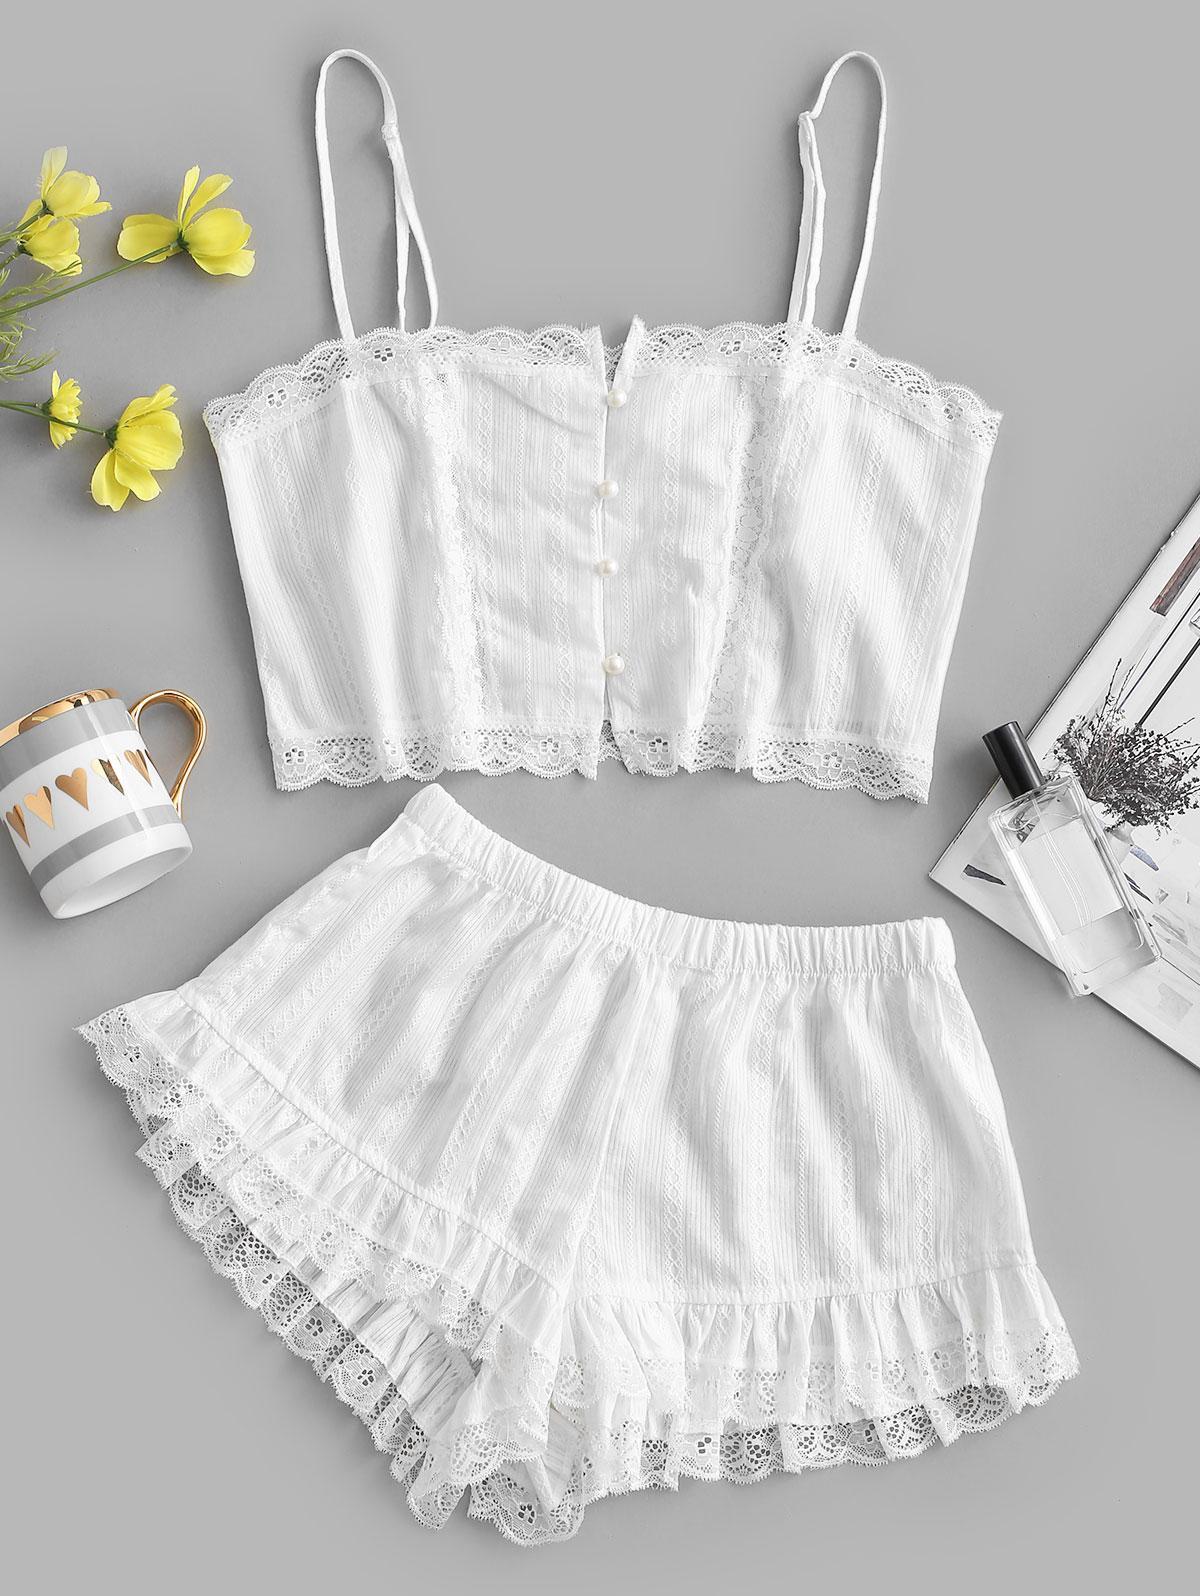 Lace Insert Ruffle Button Up Pajama Shorts Set